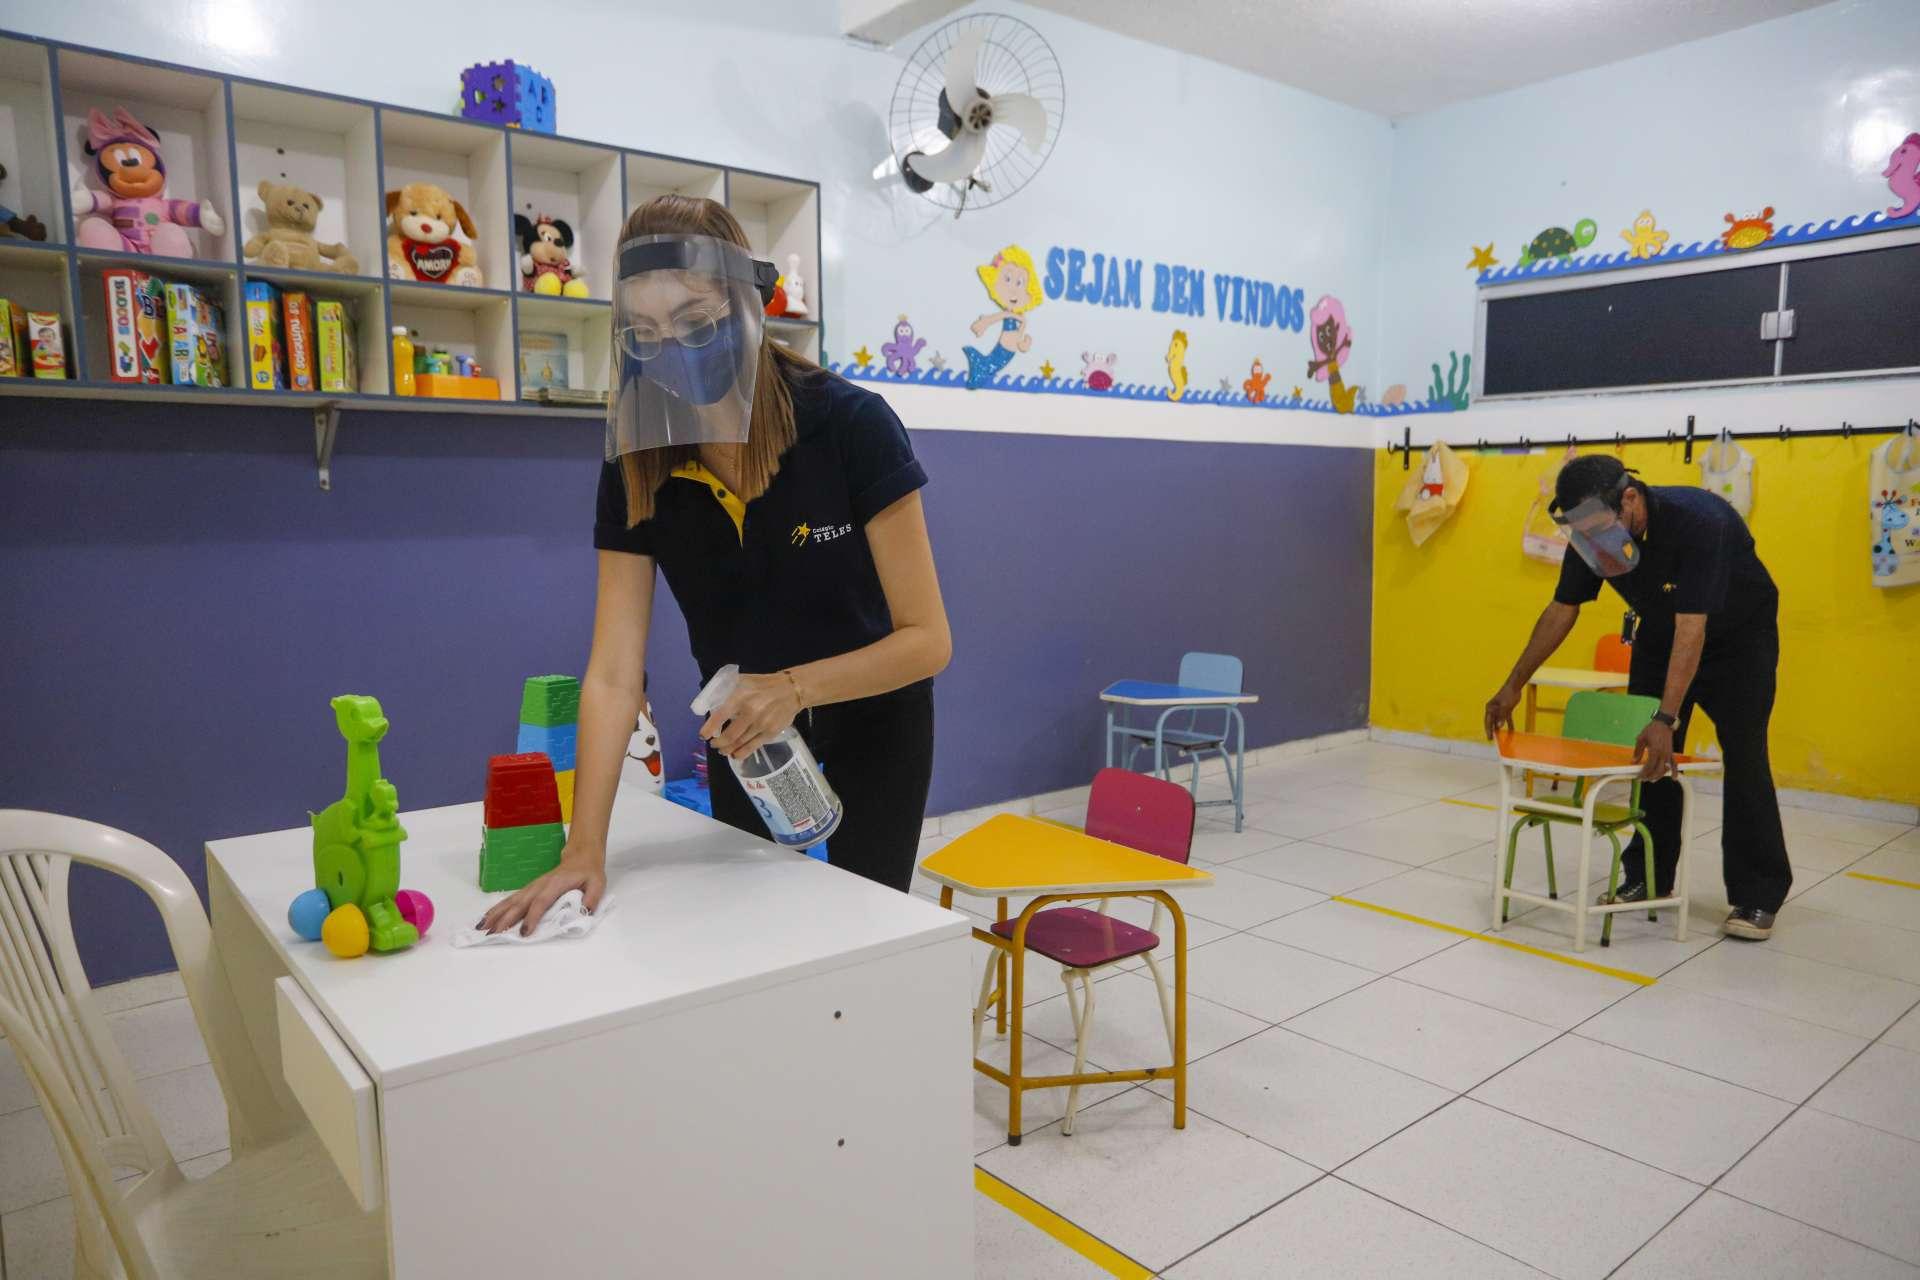 COLÉGIO TELES, no bairro Passaré: distanciamento marcado por adesivos e outras medidas de biossegurança